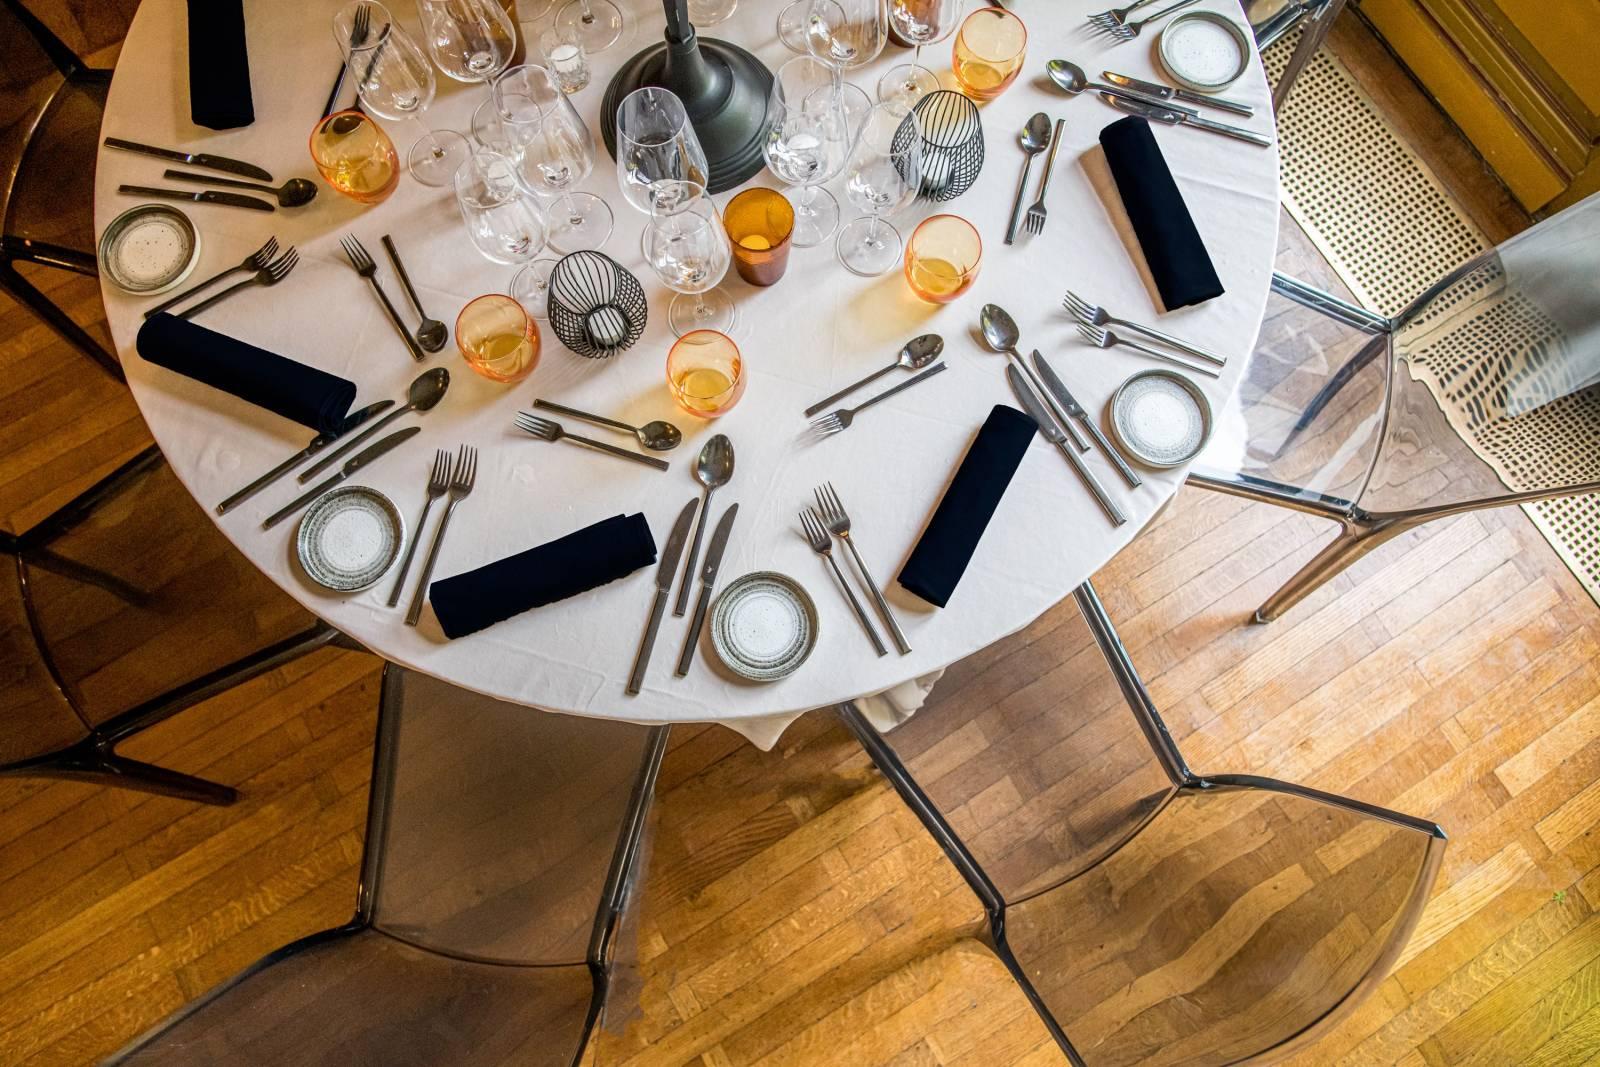 Events Factory 5 - Stork zwart - nap velours - kandelaar - servet zwart - vinophil - gobelet oranje - zwart venade - splendido - p naessens (2)